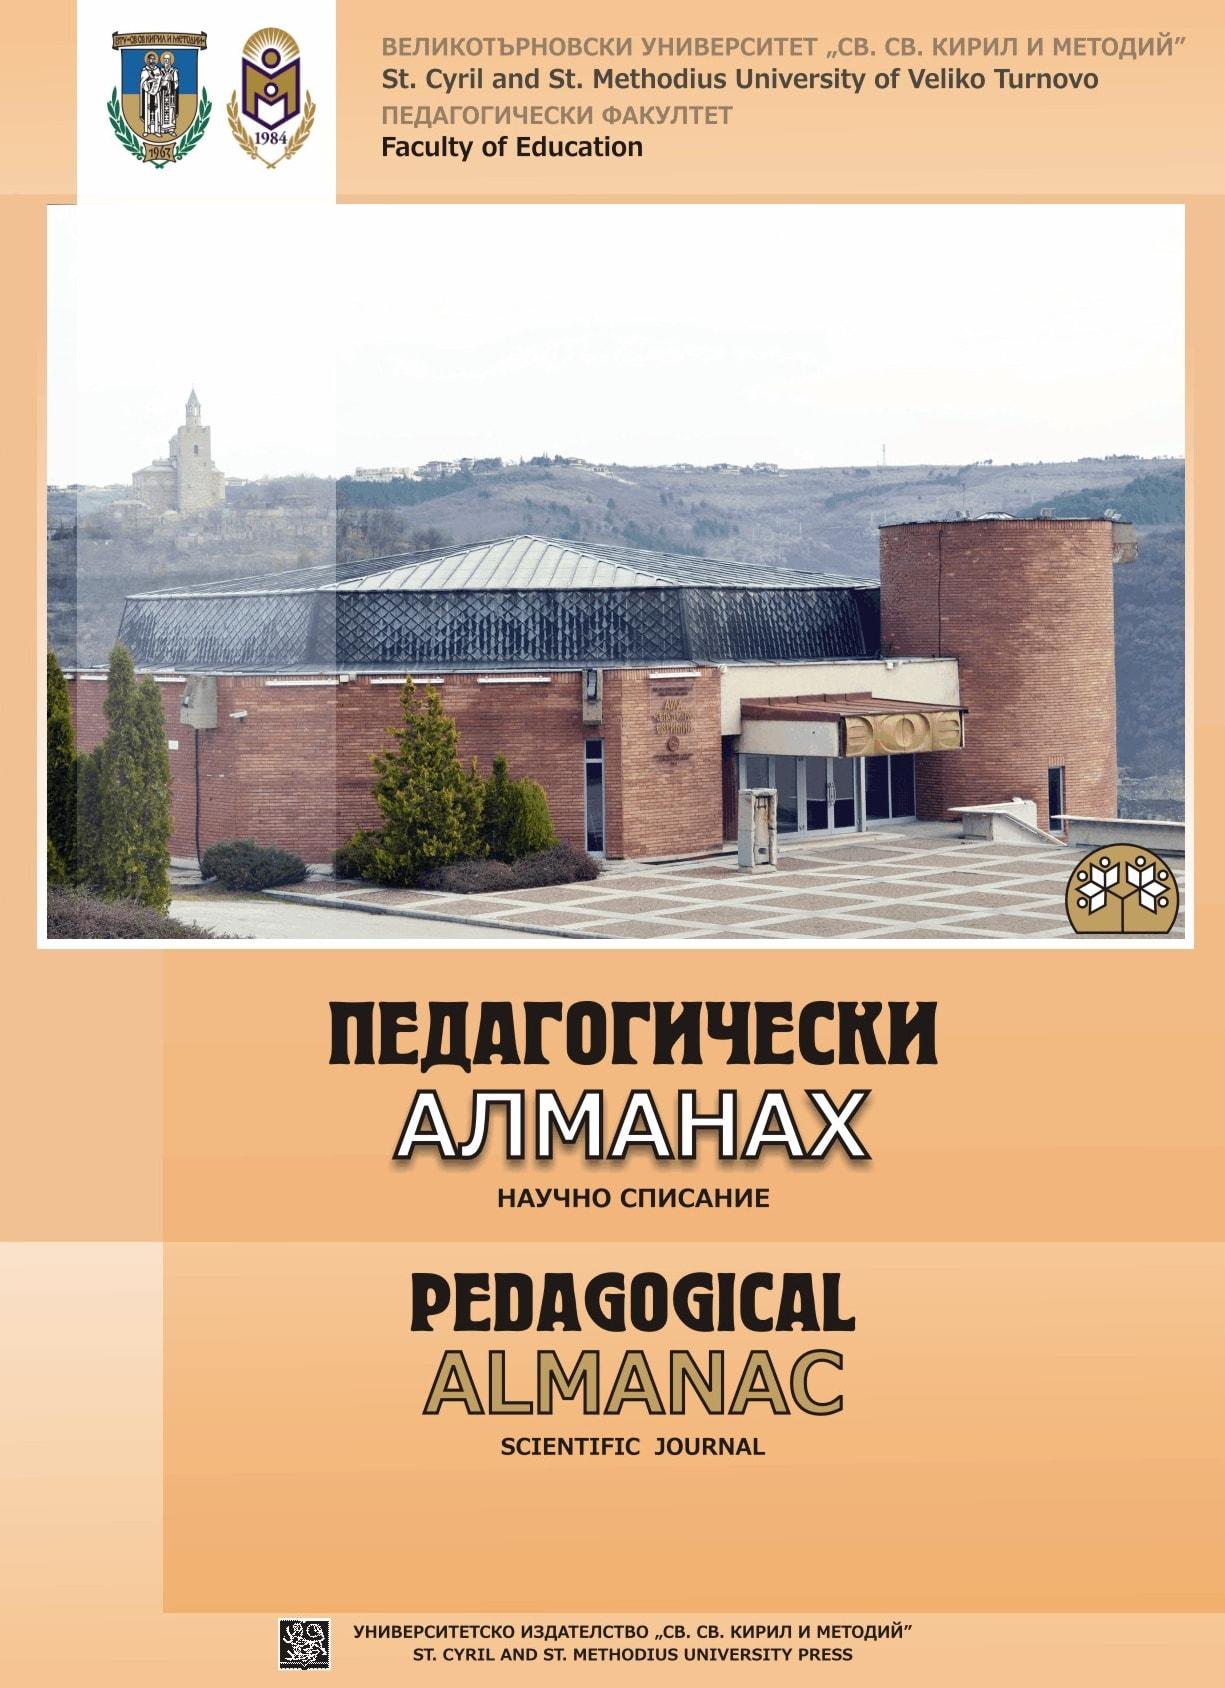 Pedagogical Almanac